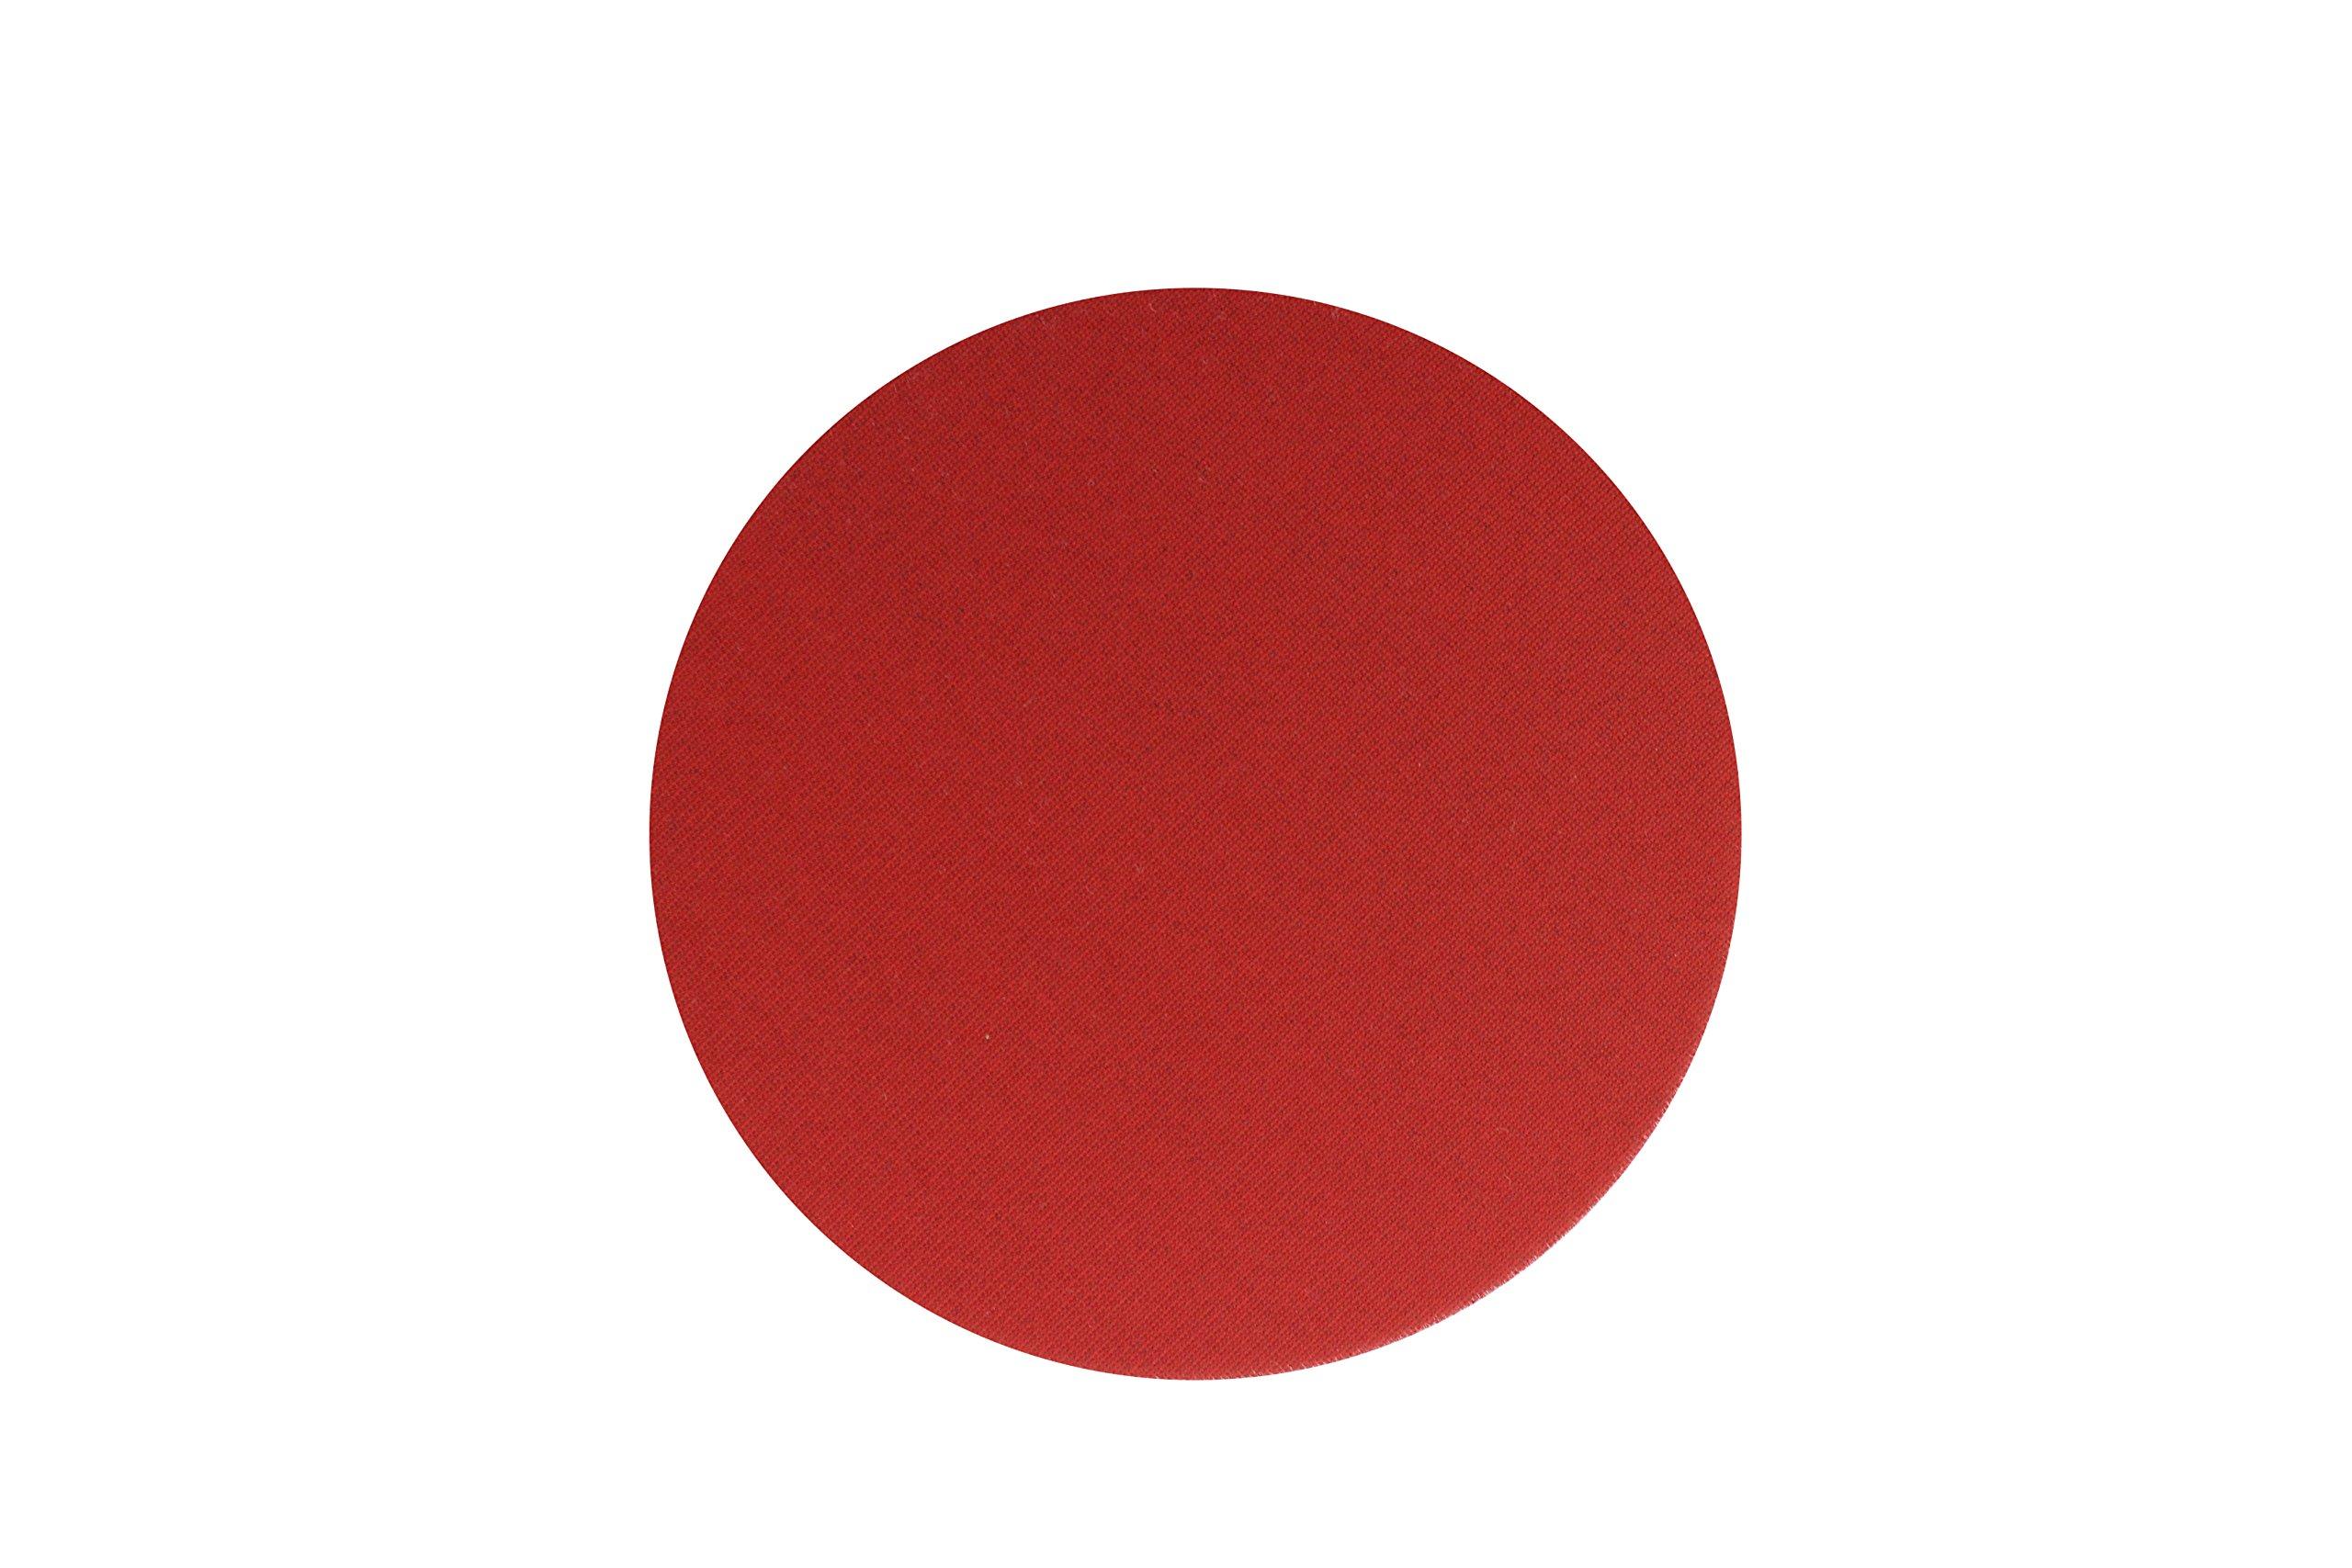 Sunmight 96227 6'' No Hole Velcro Foam Disc (Sunfoam Grit 5000)